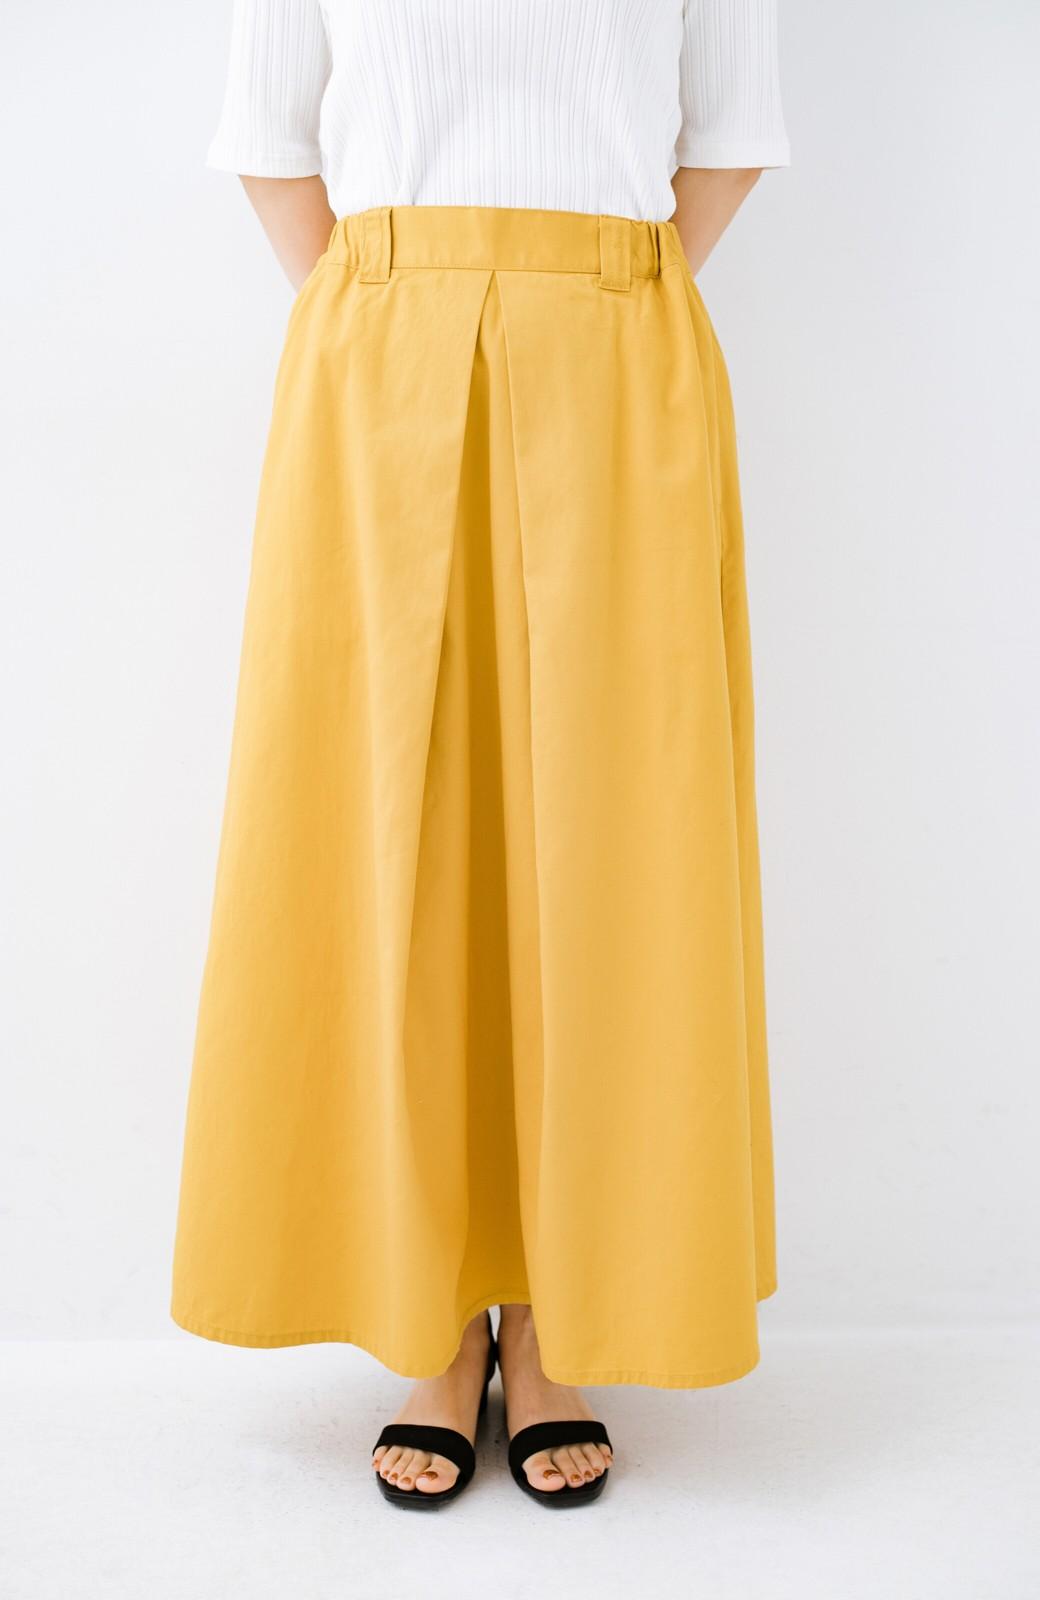 haco! ロングシーズン楽しめる タックボリュームのチノロングスカート <イエロー>の商品写真6